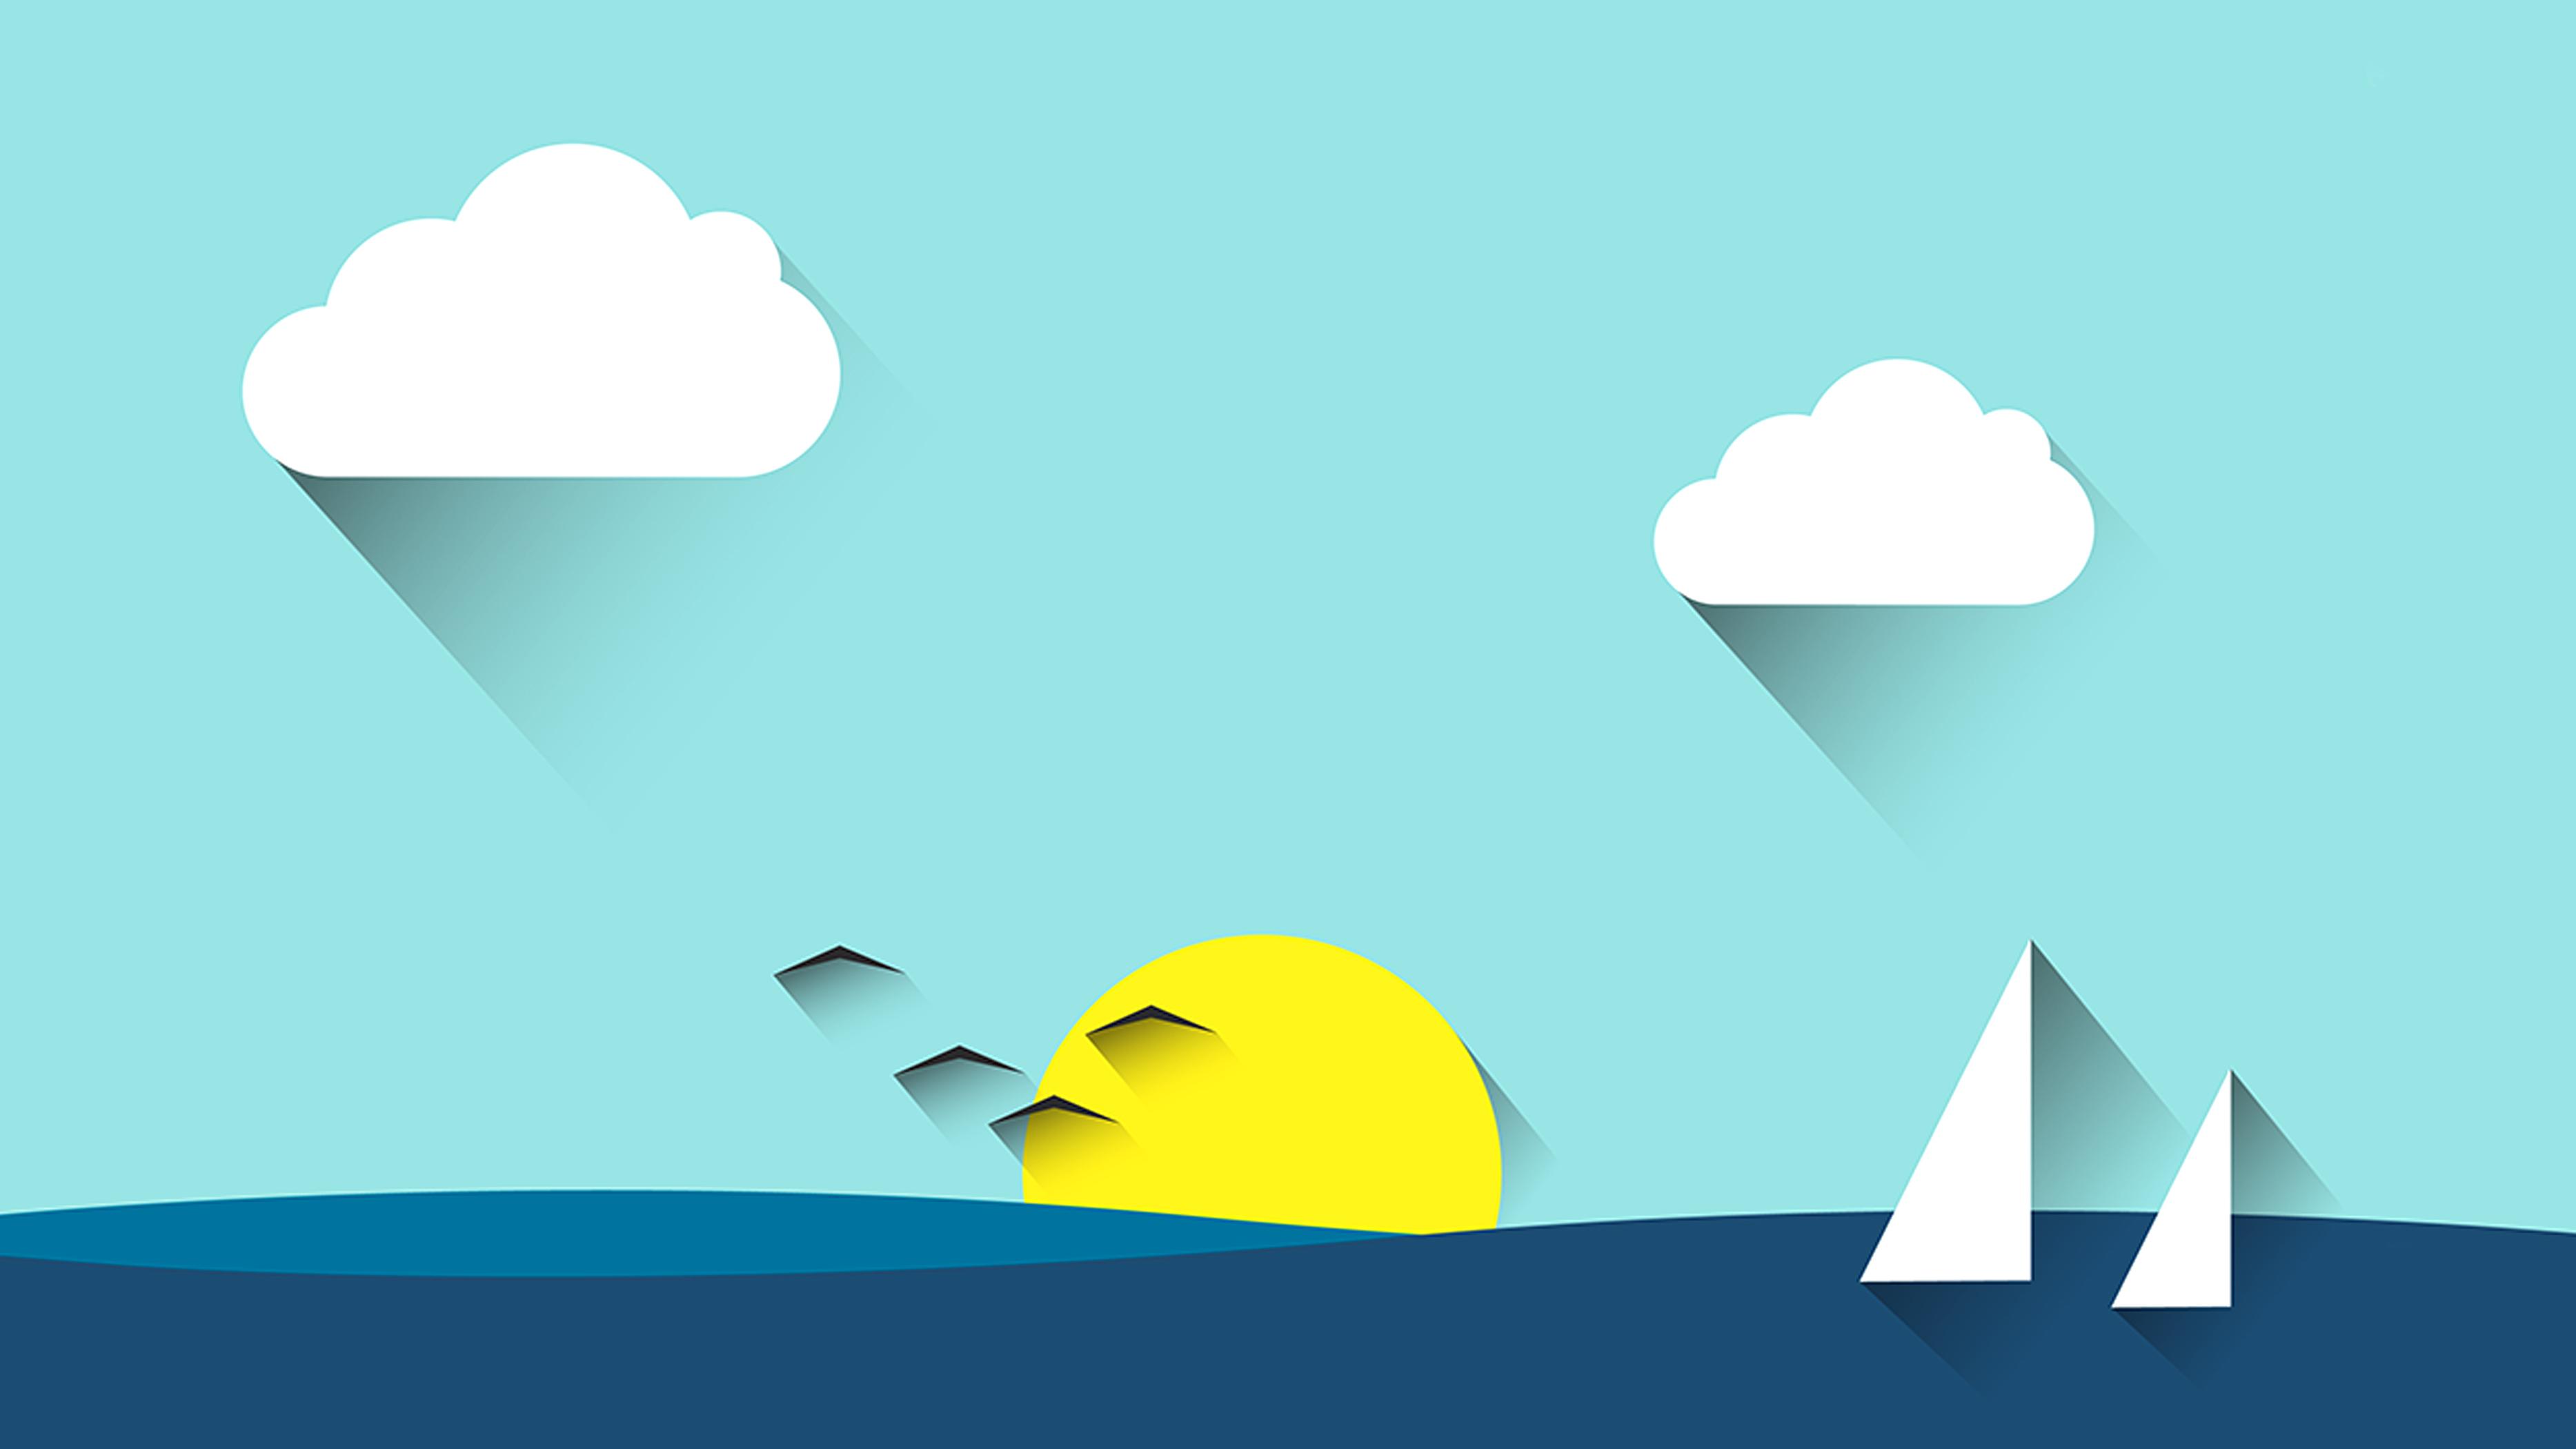 Cartone animato il cielo sullo sfondo mare in barca a